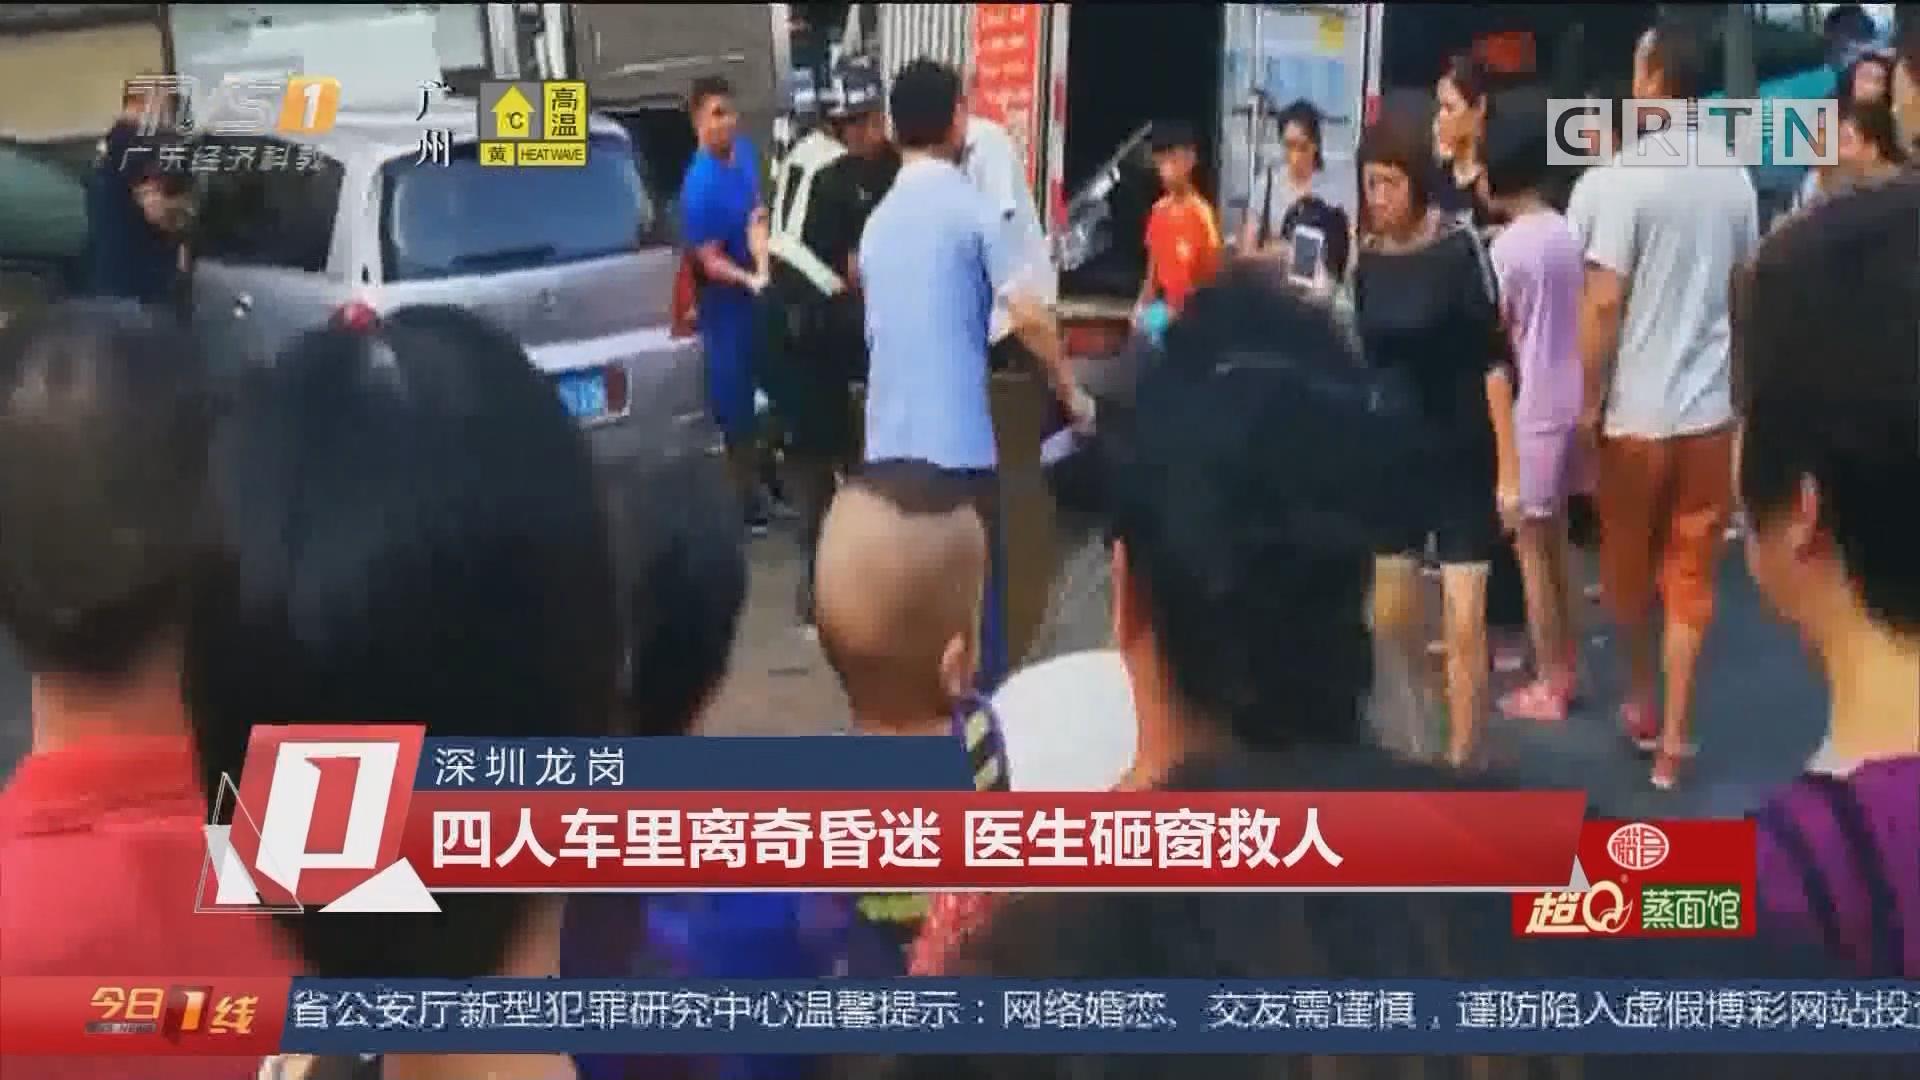 深圳龙岗:四人车里离奇昏迷 医生砸窗救人